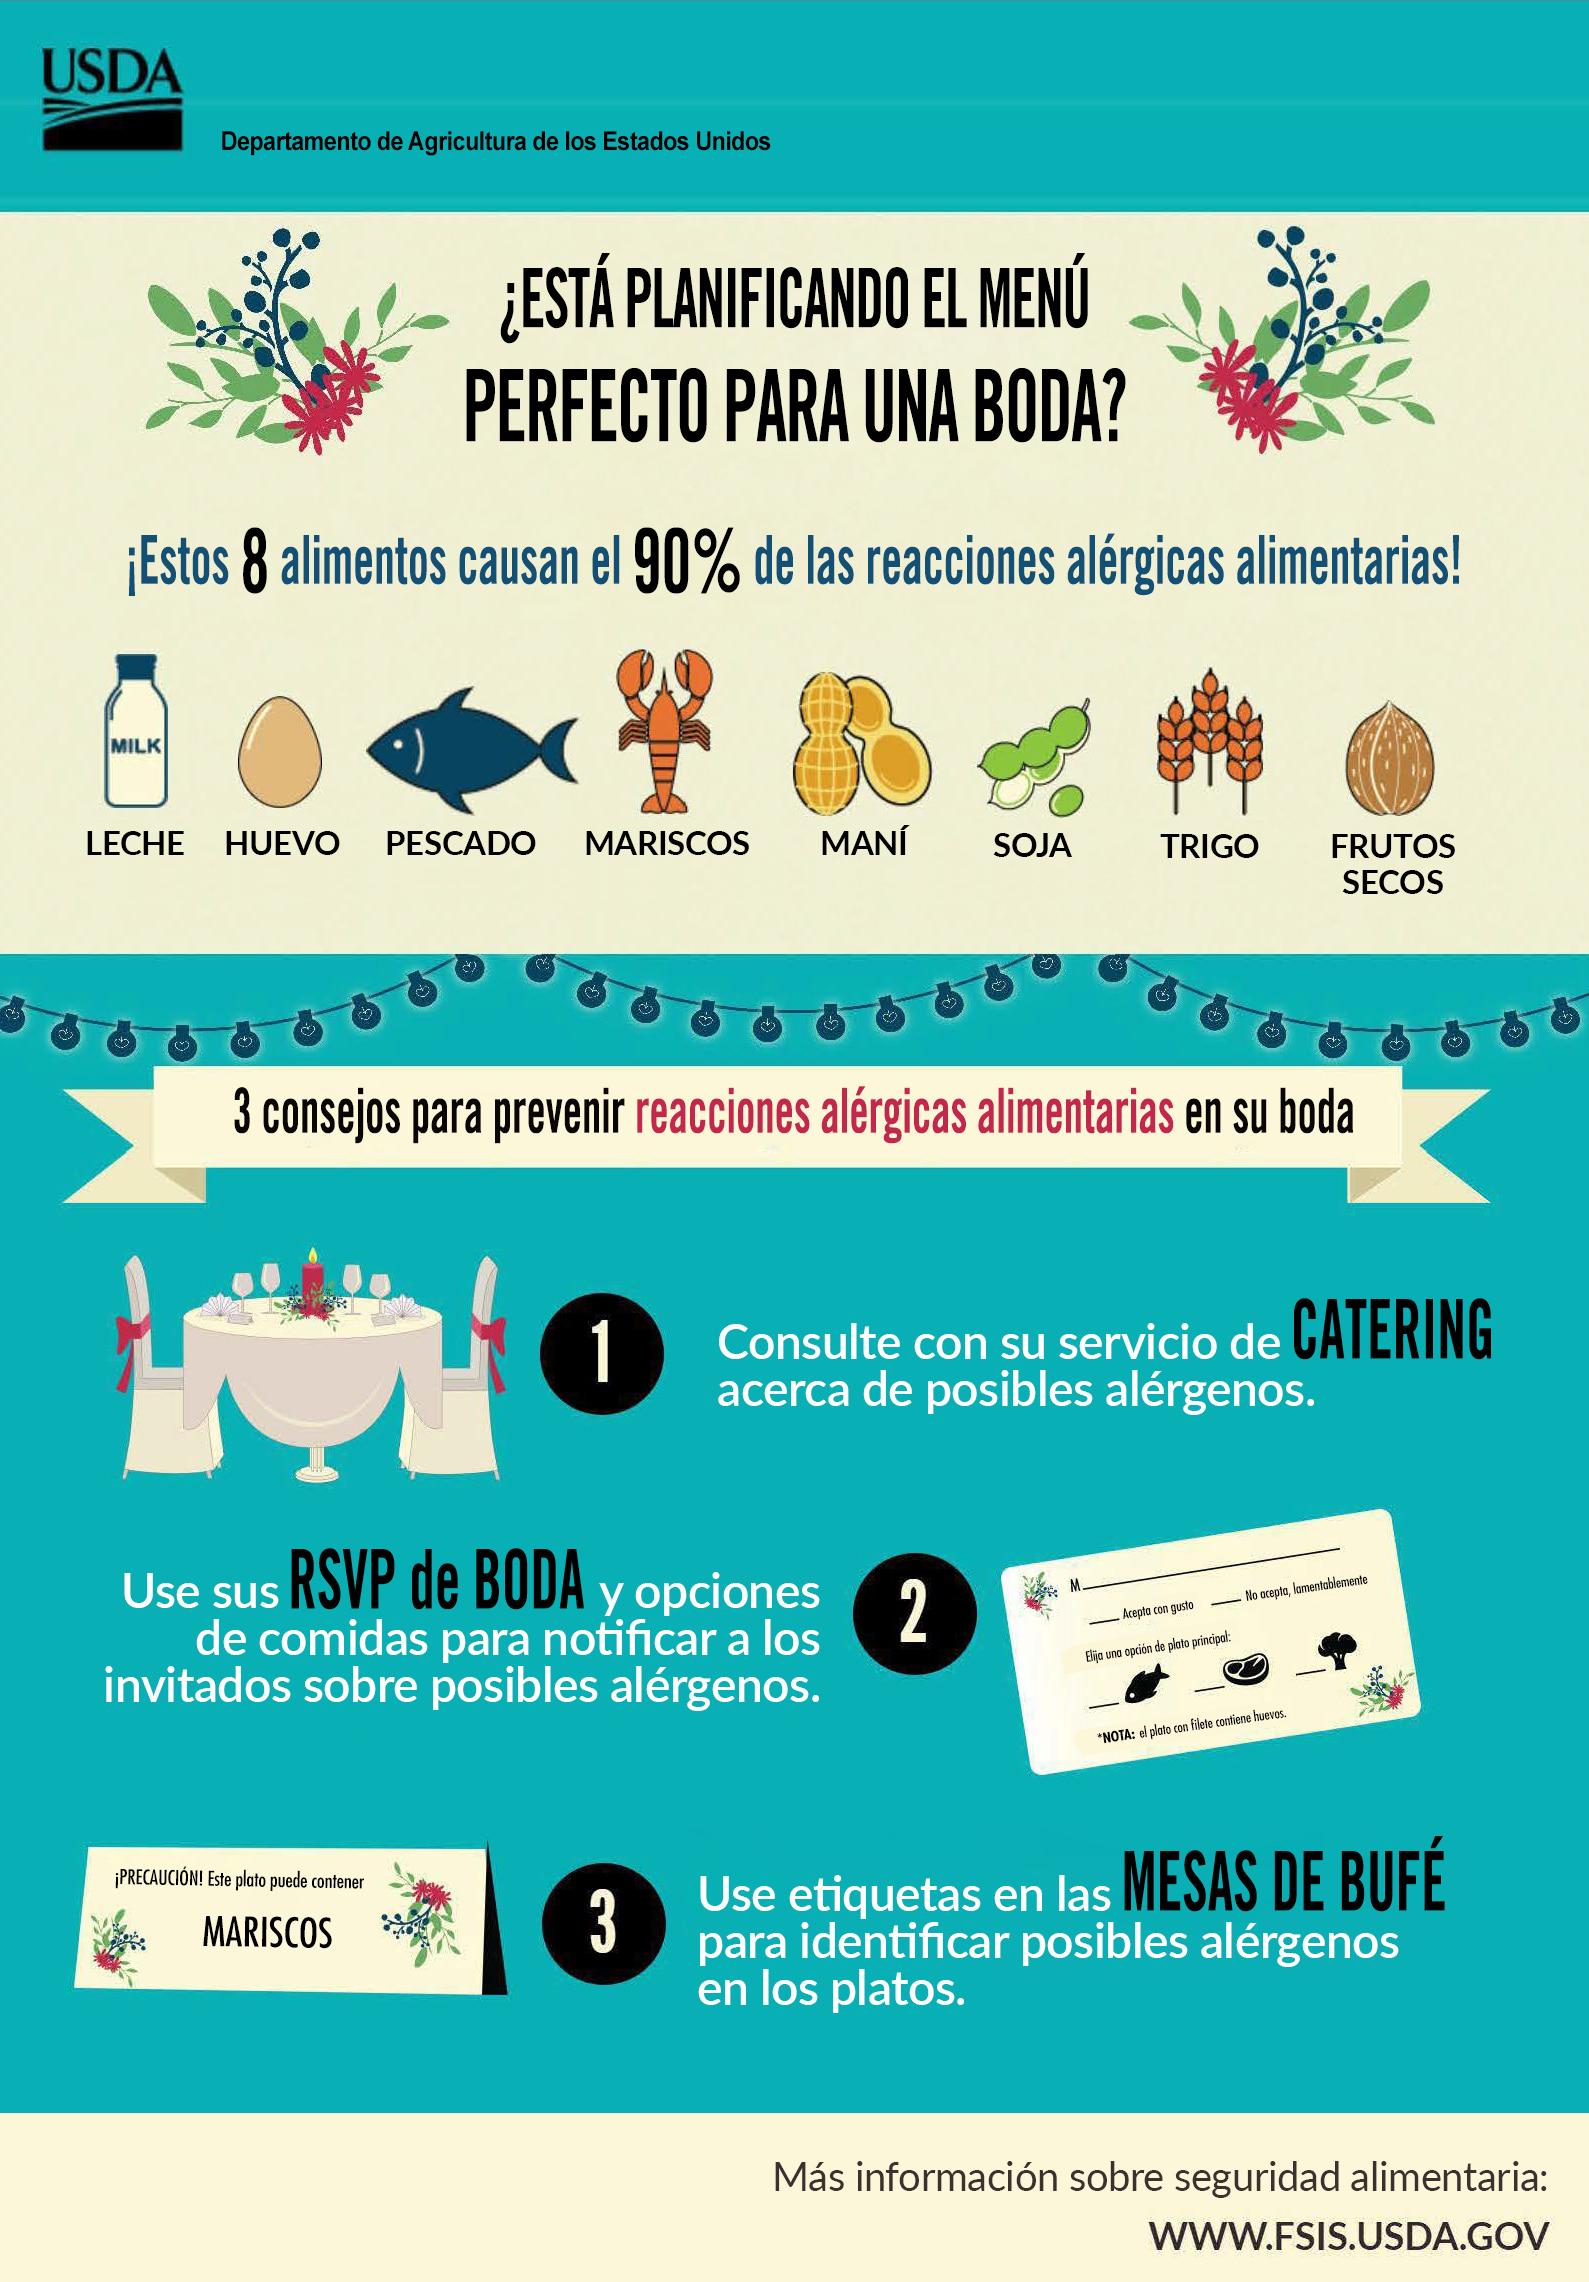 Esta infografía comparte consejos sobre cómo planificar un menú seguro para una boda y evitar los posibles alérgenos de los alimentos.